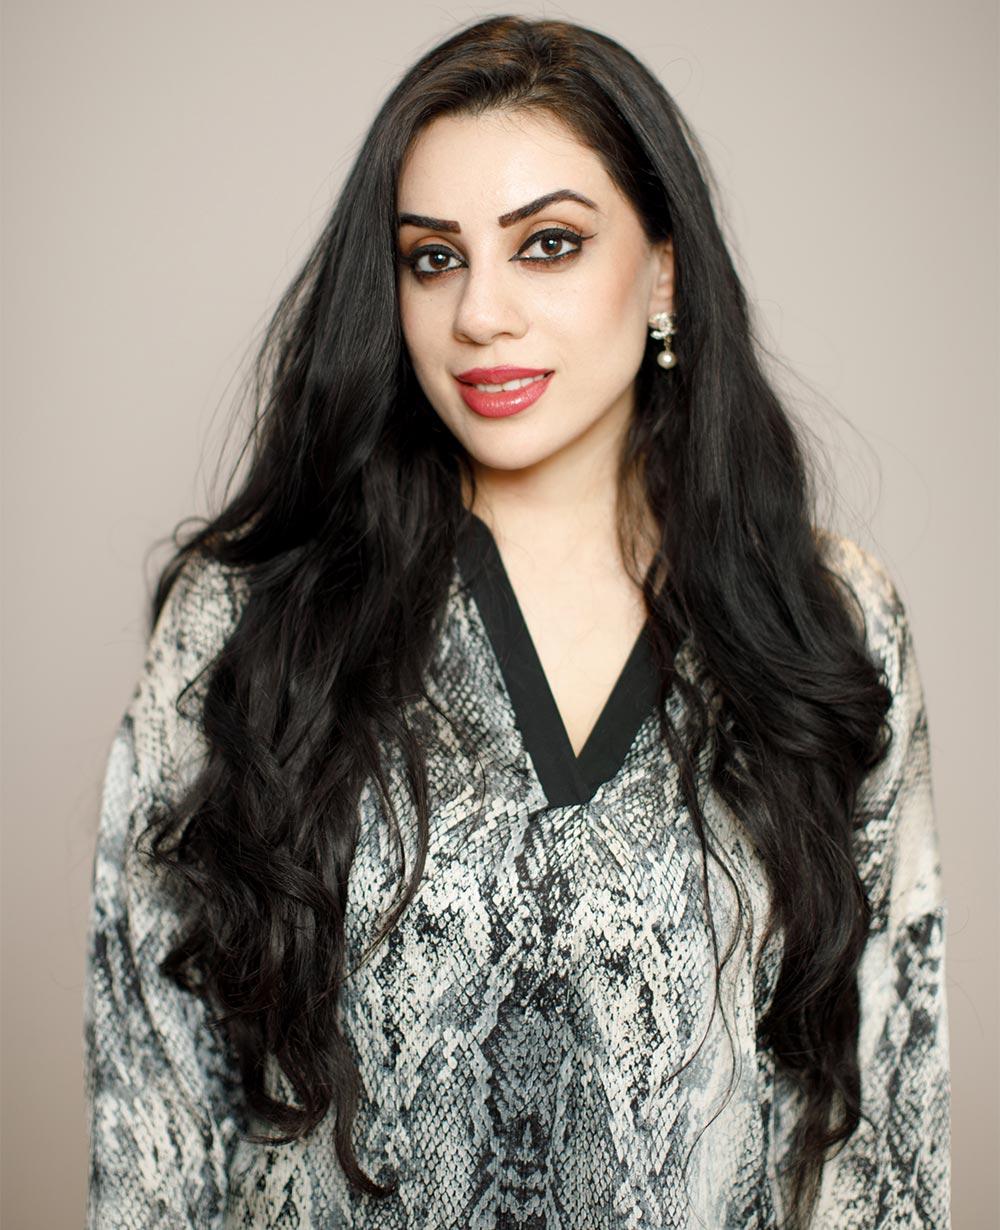 Nourish by SK. Sana Khan